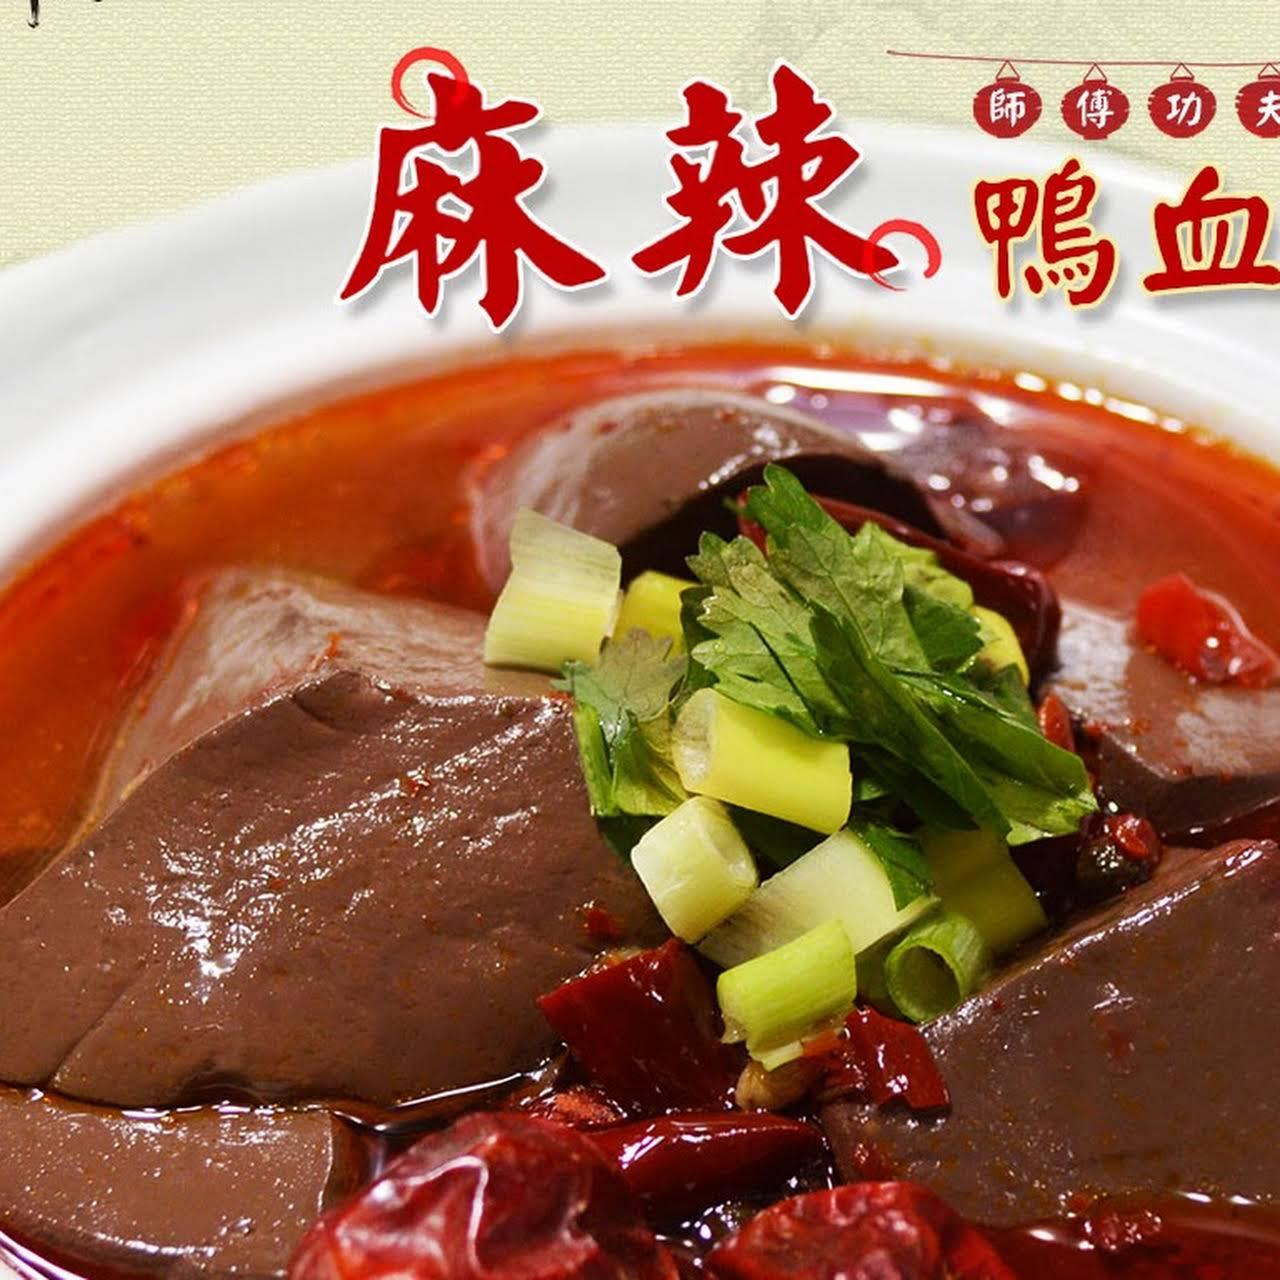 深坑 古早厝 豆腐人文美食 (餐廳) - 中式餐廳